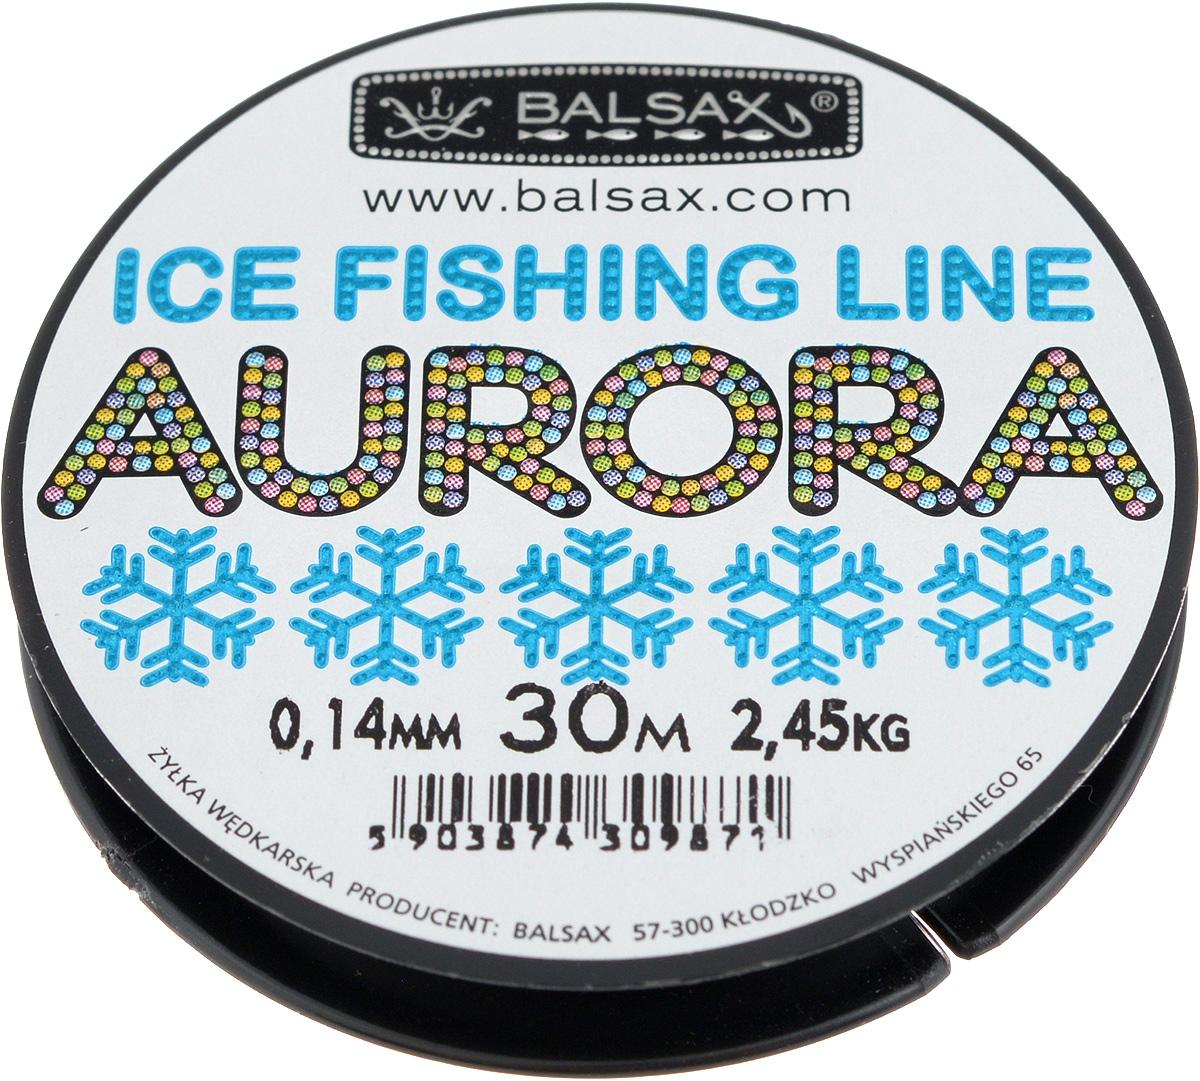 Леска зимняя Balsax Aurora, 30 м, 0,14 мм, 2,45 кг59278Леска Balsax Aurora изготовлена из 100% нейлона и очень хорошо выдерживает низкие температуры. Даже в самом холодном климате, при температуре вплоть до -40°C, она сохраняет свои свойства практически без изменений, в то время как традиционные лески становятся менее эластичными и теряют прочность.Поверхность лески обработана таким образом, что она не обмерзает и отлично подходит для подледного лова. Прочна в местах вязки узлов даже при минимальном диаметре.